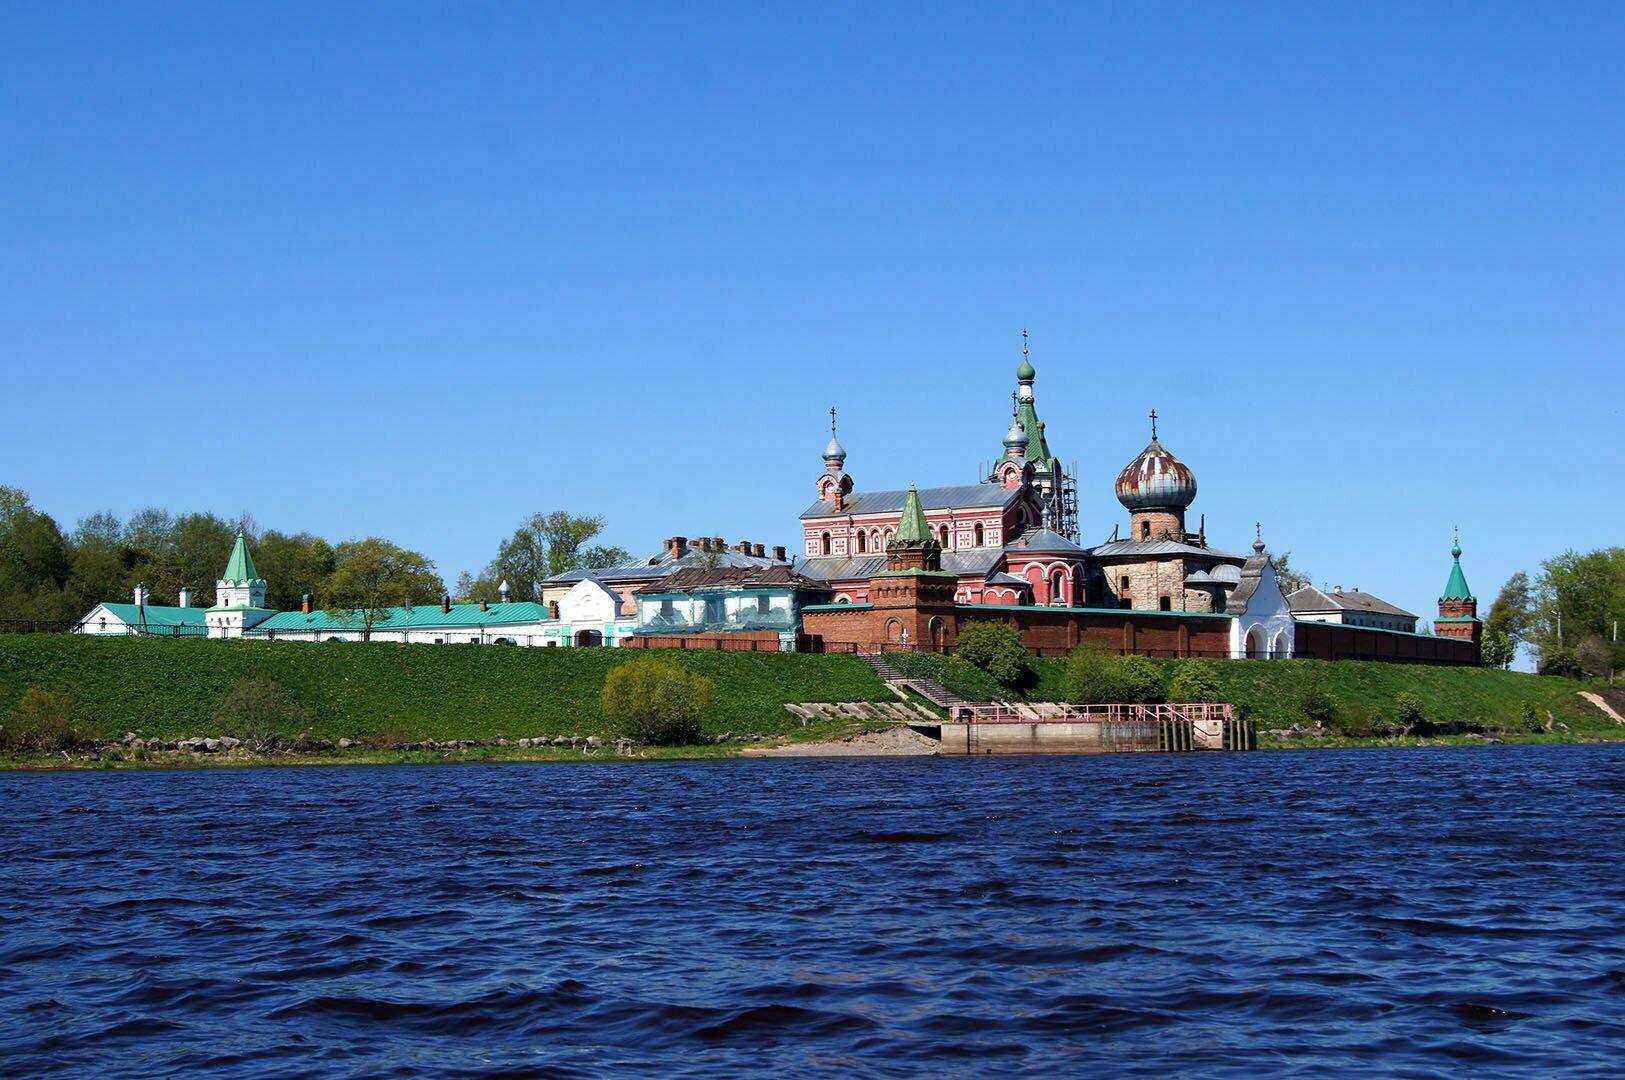 Никольский монастырь в Старой Ладоге. Ленинградская область